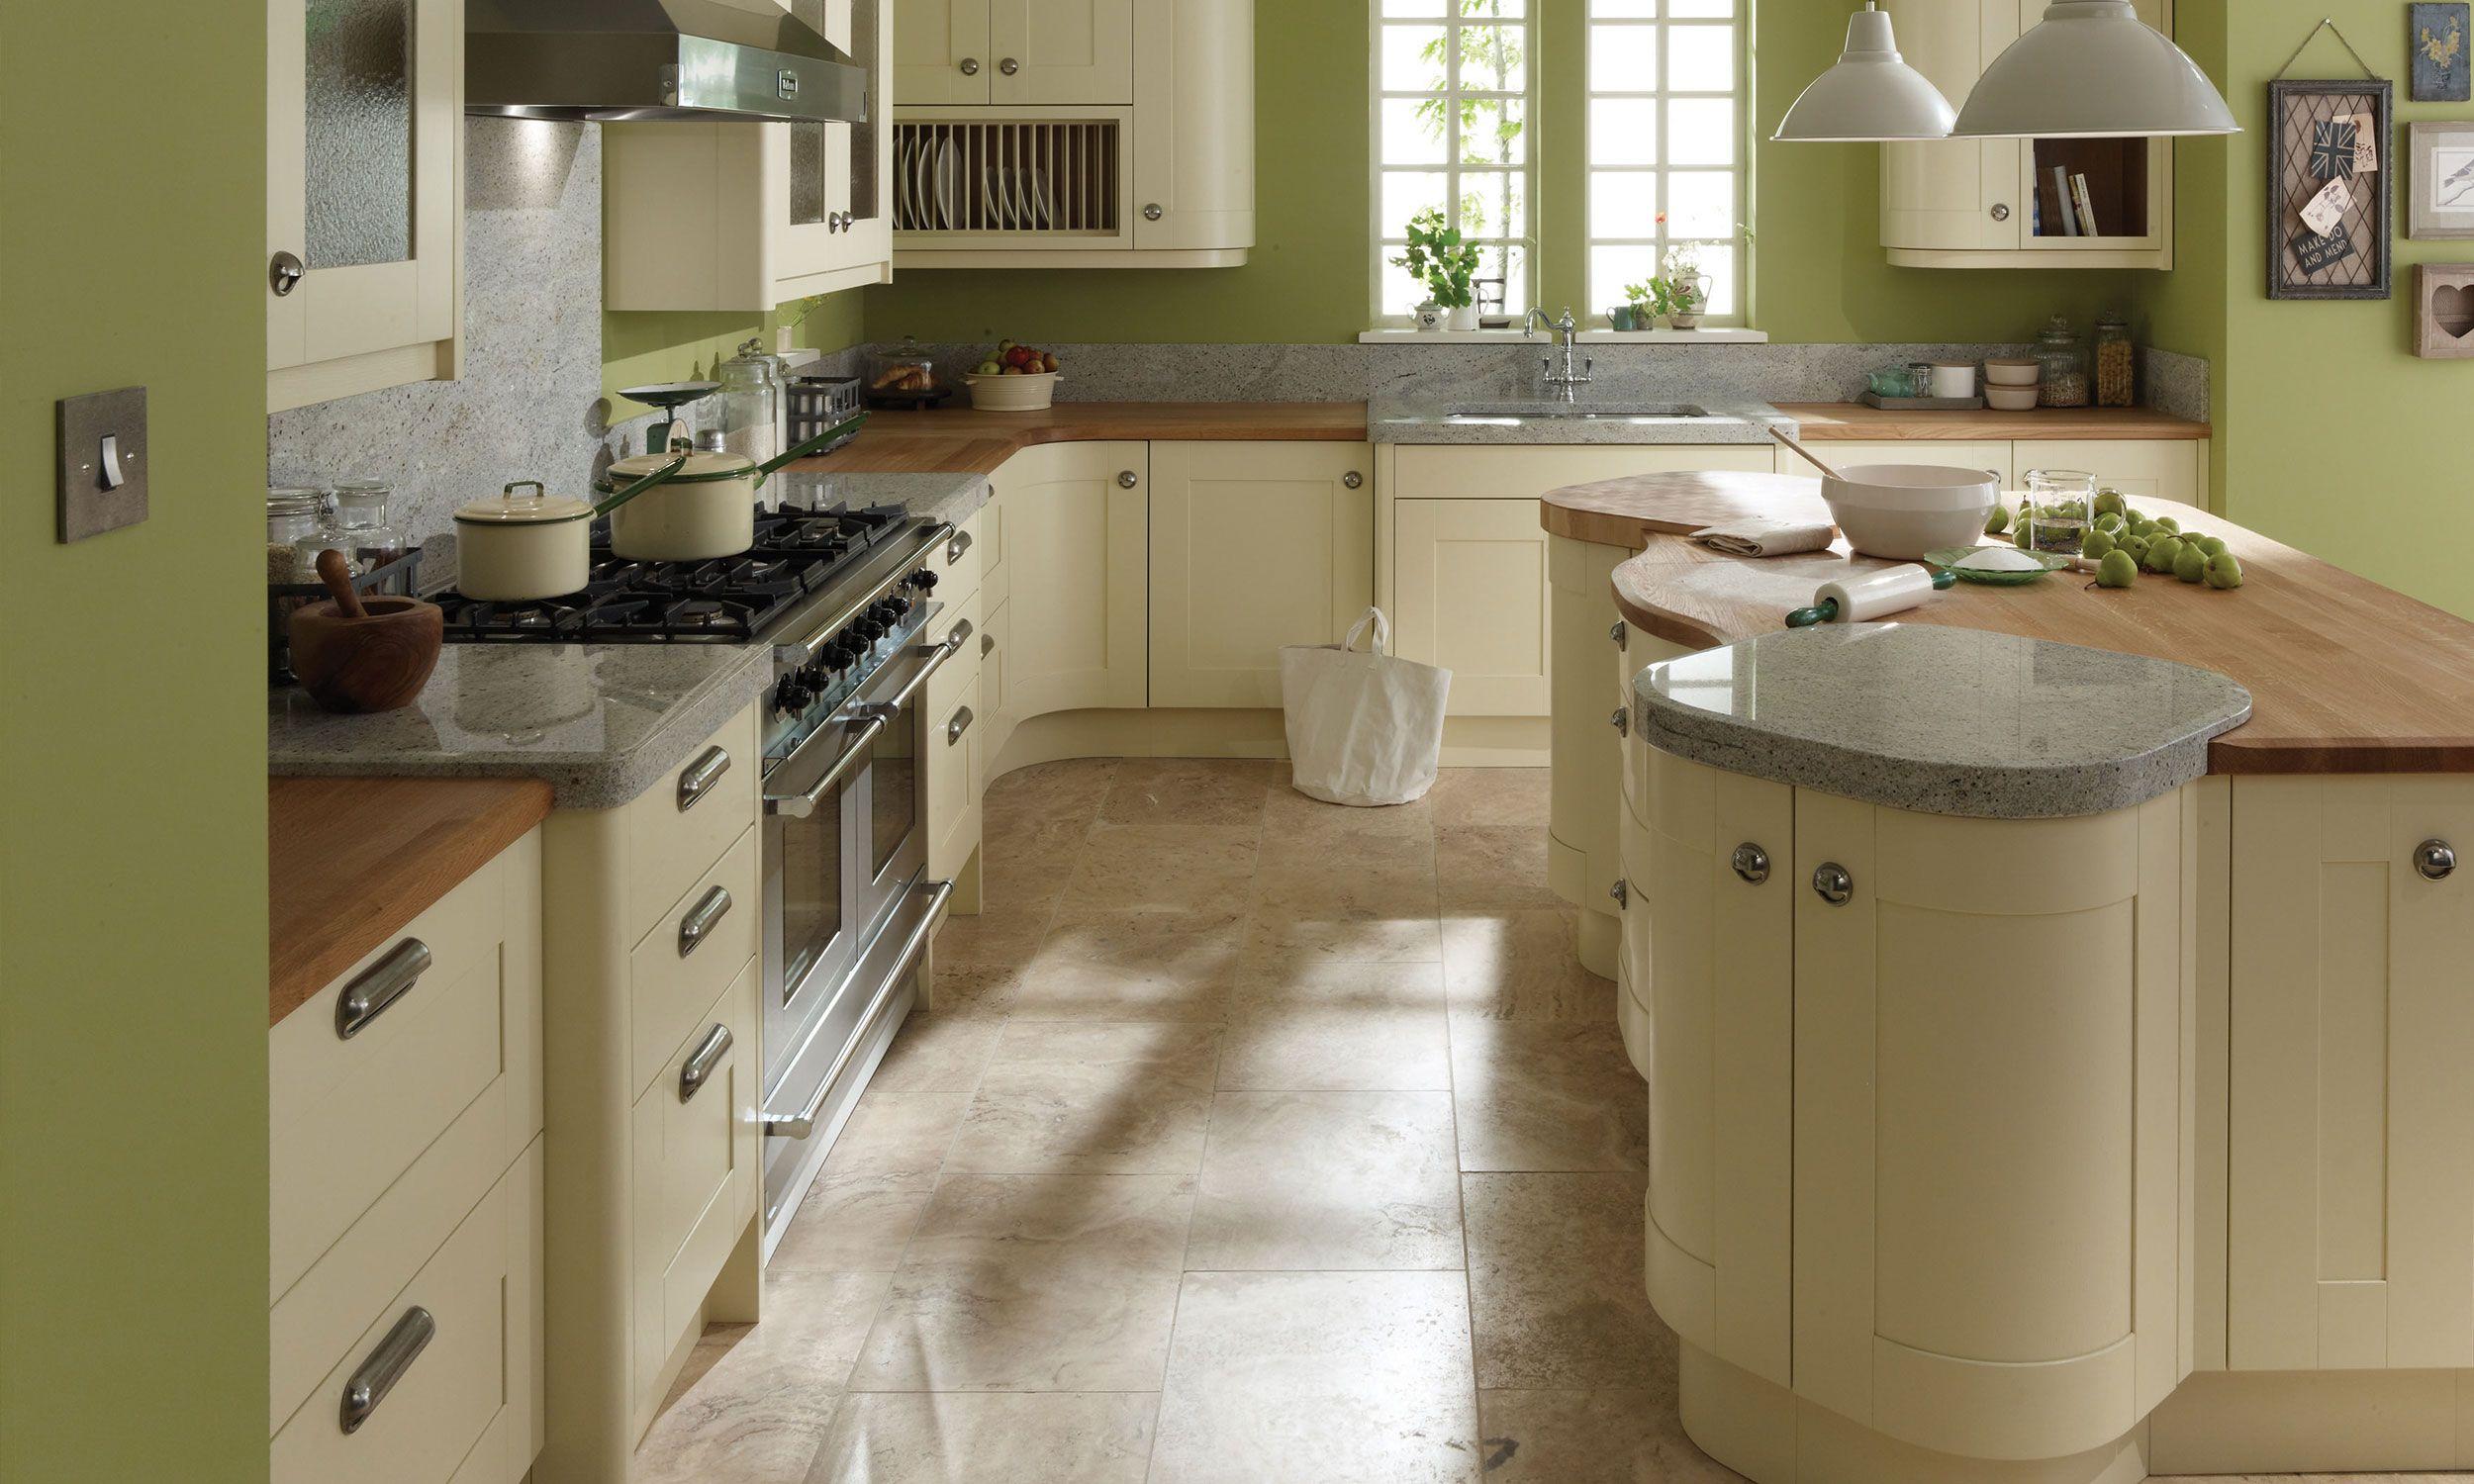 Broadoak Kitchen Green kitchen designs, Kitchen design